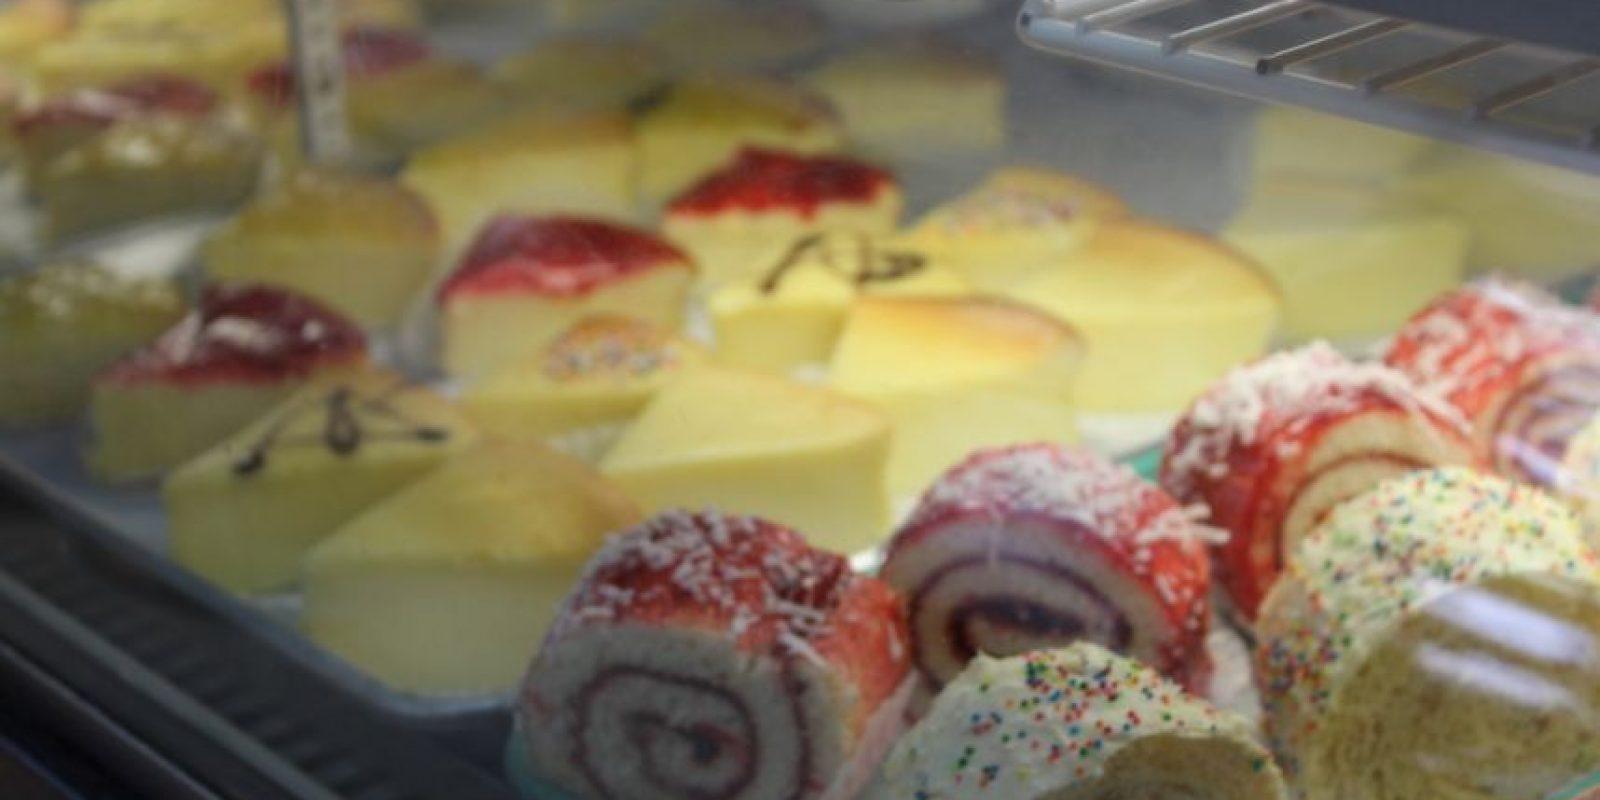 """Labora en la cocina de la panadería Las Villas & Deli –donde venden el pan """"soba'o"""" al estilo boricua y los típicos dulces y bizcochos de panadería """"100 por ciento boricuas"""". Foto:David Cordero. Imagen Por:"""